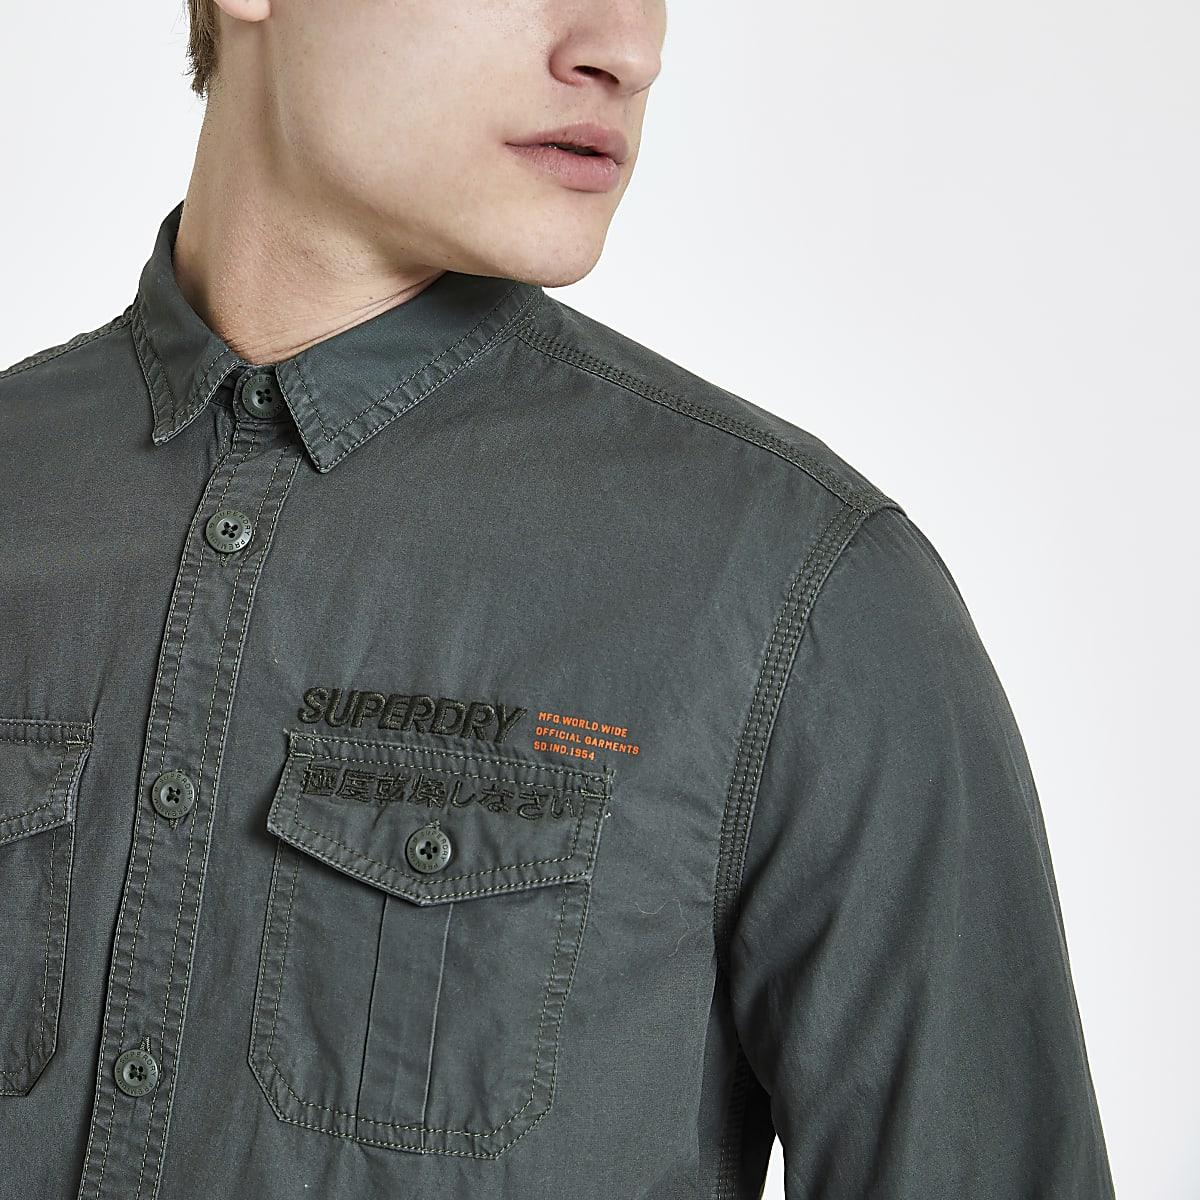 Superdry – Dunkelgrünes Hemd mit Taschen